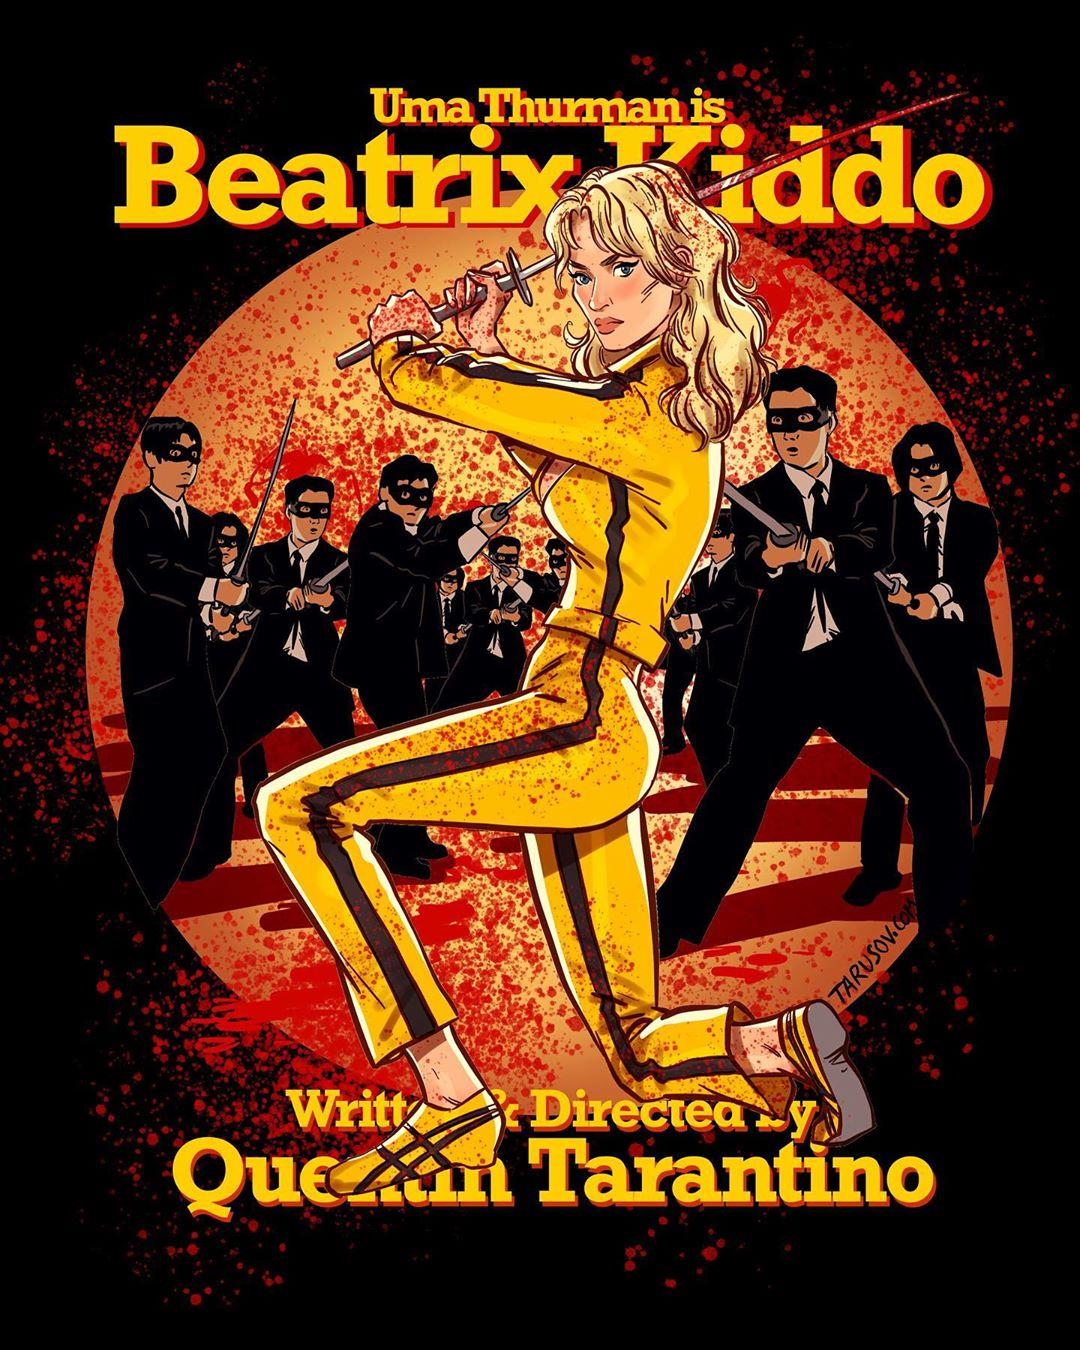 1566289158 38bb40c2688ab19c0d577176fcc58d0a - 17 героинь фильмов Тарантино, которых художник из России превратил в ярких пин-ап красоток